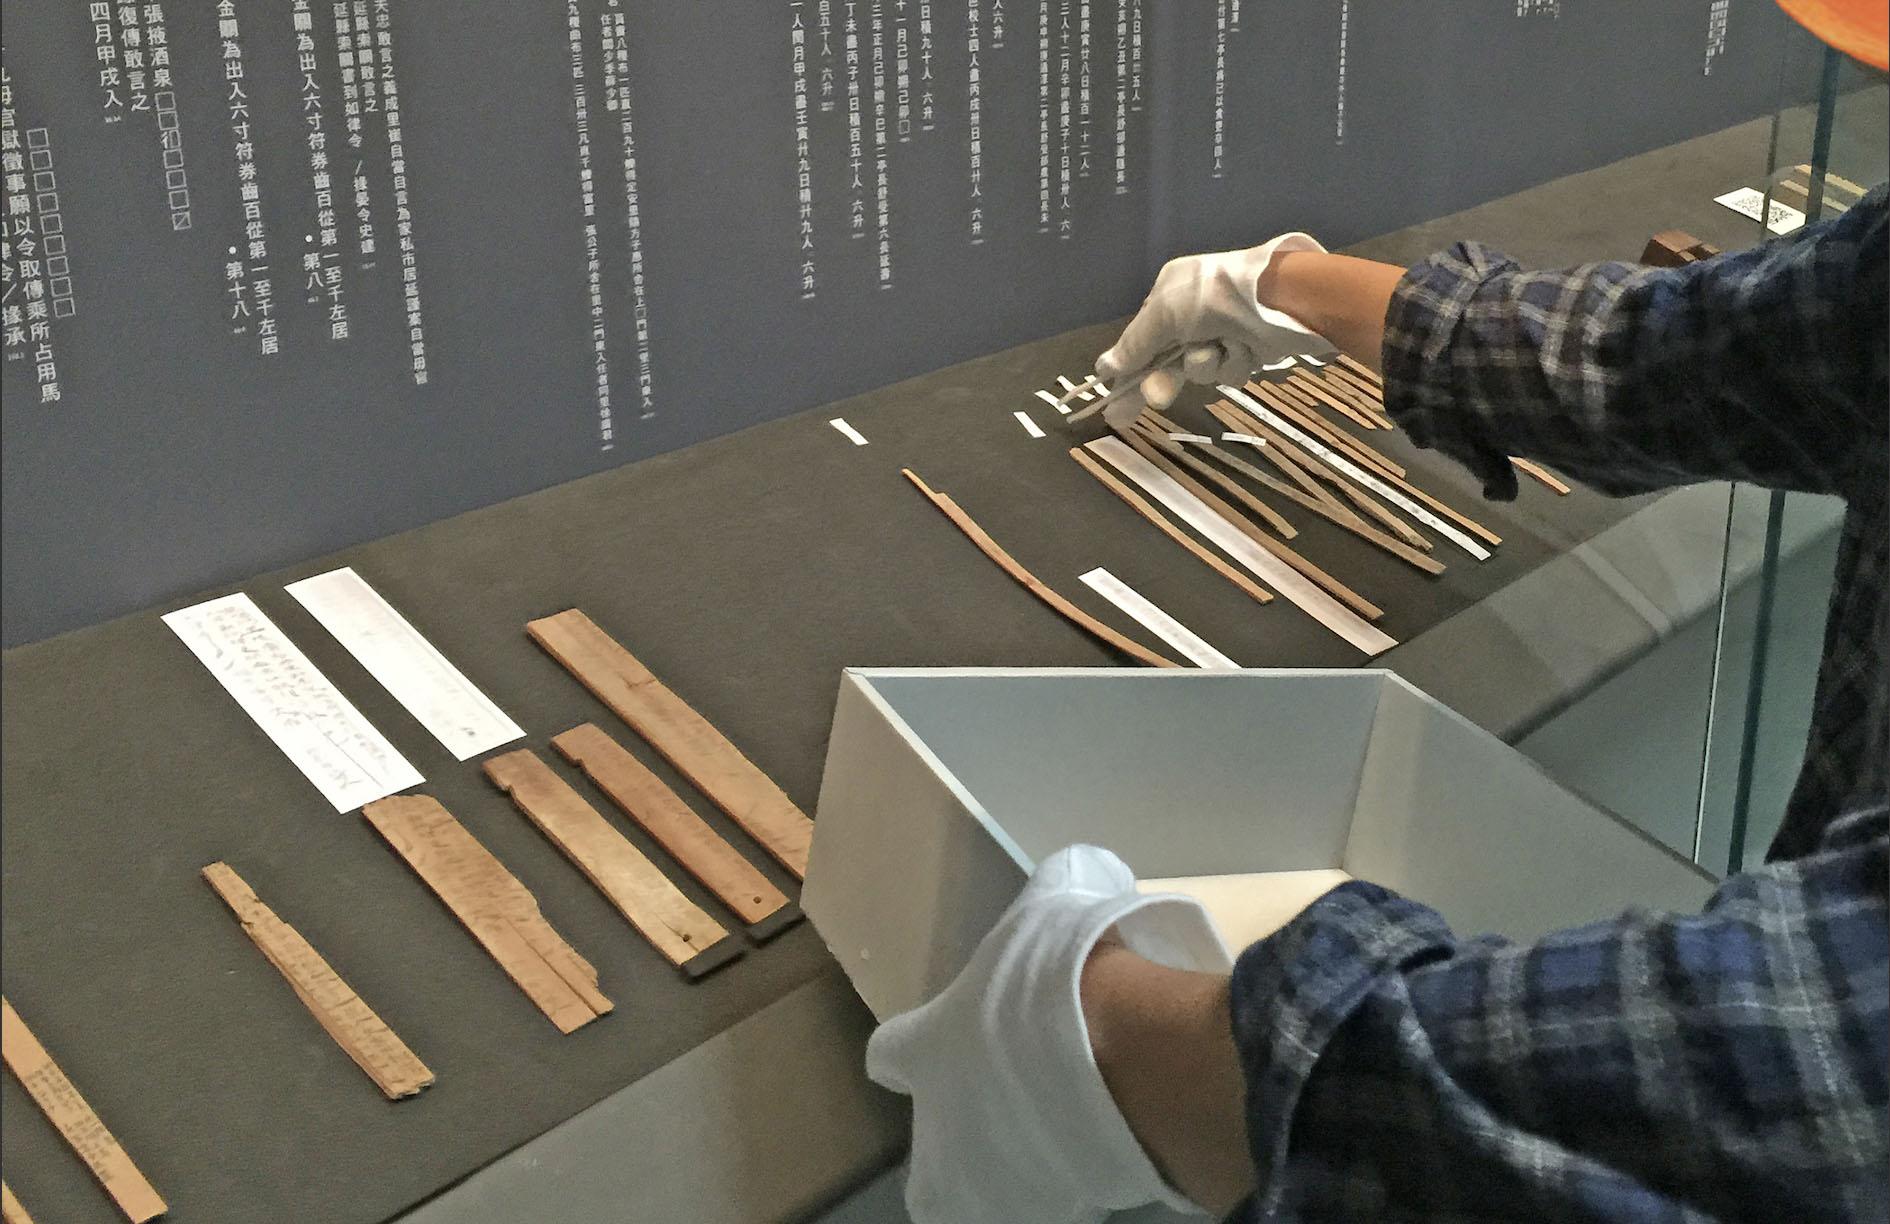 簡牘文書是古人書寫在竹木片的紀錄,但這些珍貴文獻往往字跡潦草、模糊,很難辨認。2019 年中研院開發出簡牘字典數位資料庫,是研究者重要幫手。今年更與日本五大學研機構合作,蒐齊 150 萬的字形,建置了東亞規模最大的「歷史文字資料庫統合檢索系統」。圖│研之有物(來源:歷史文物陳列館/中研院開放博物館)